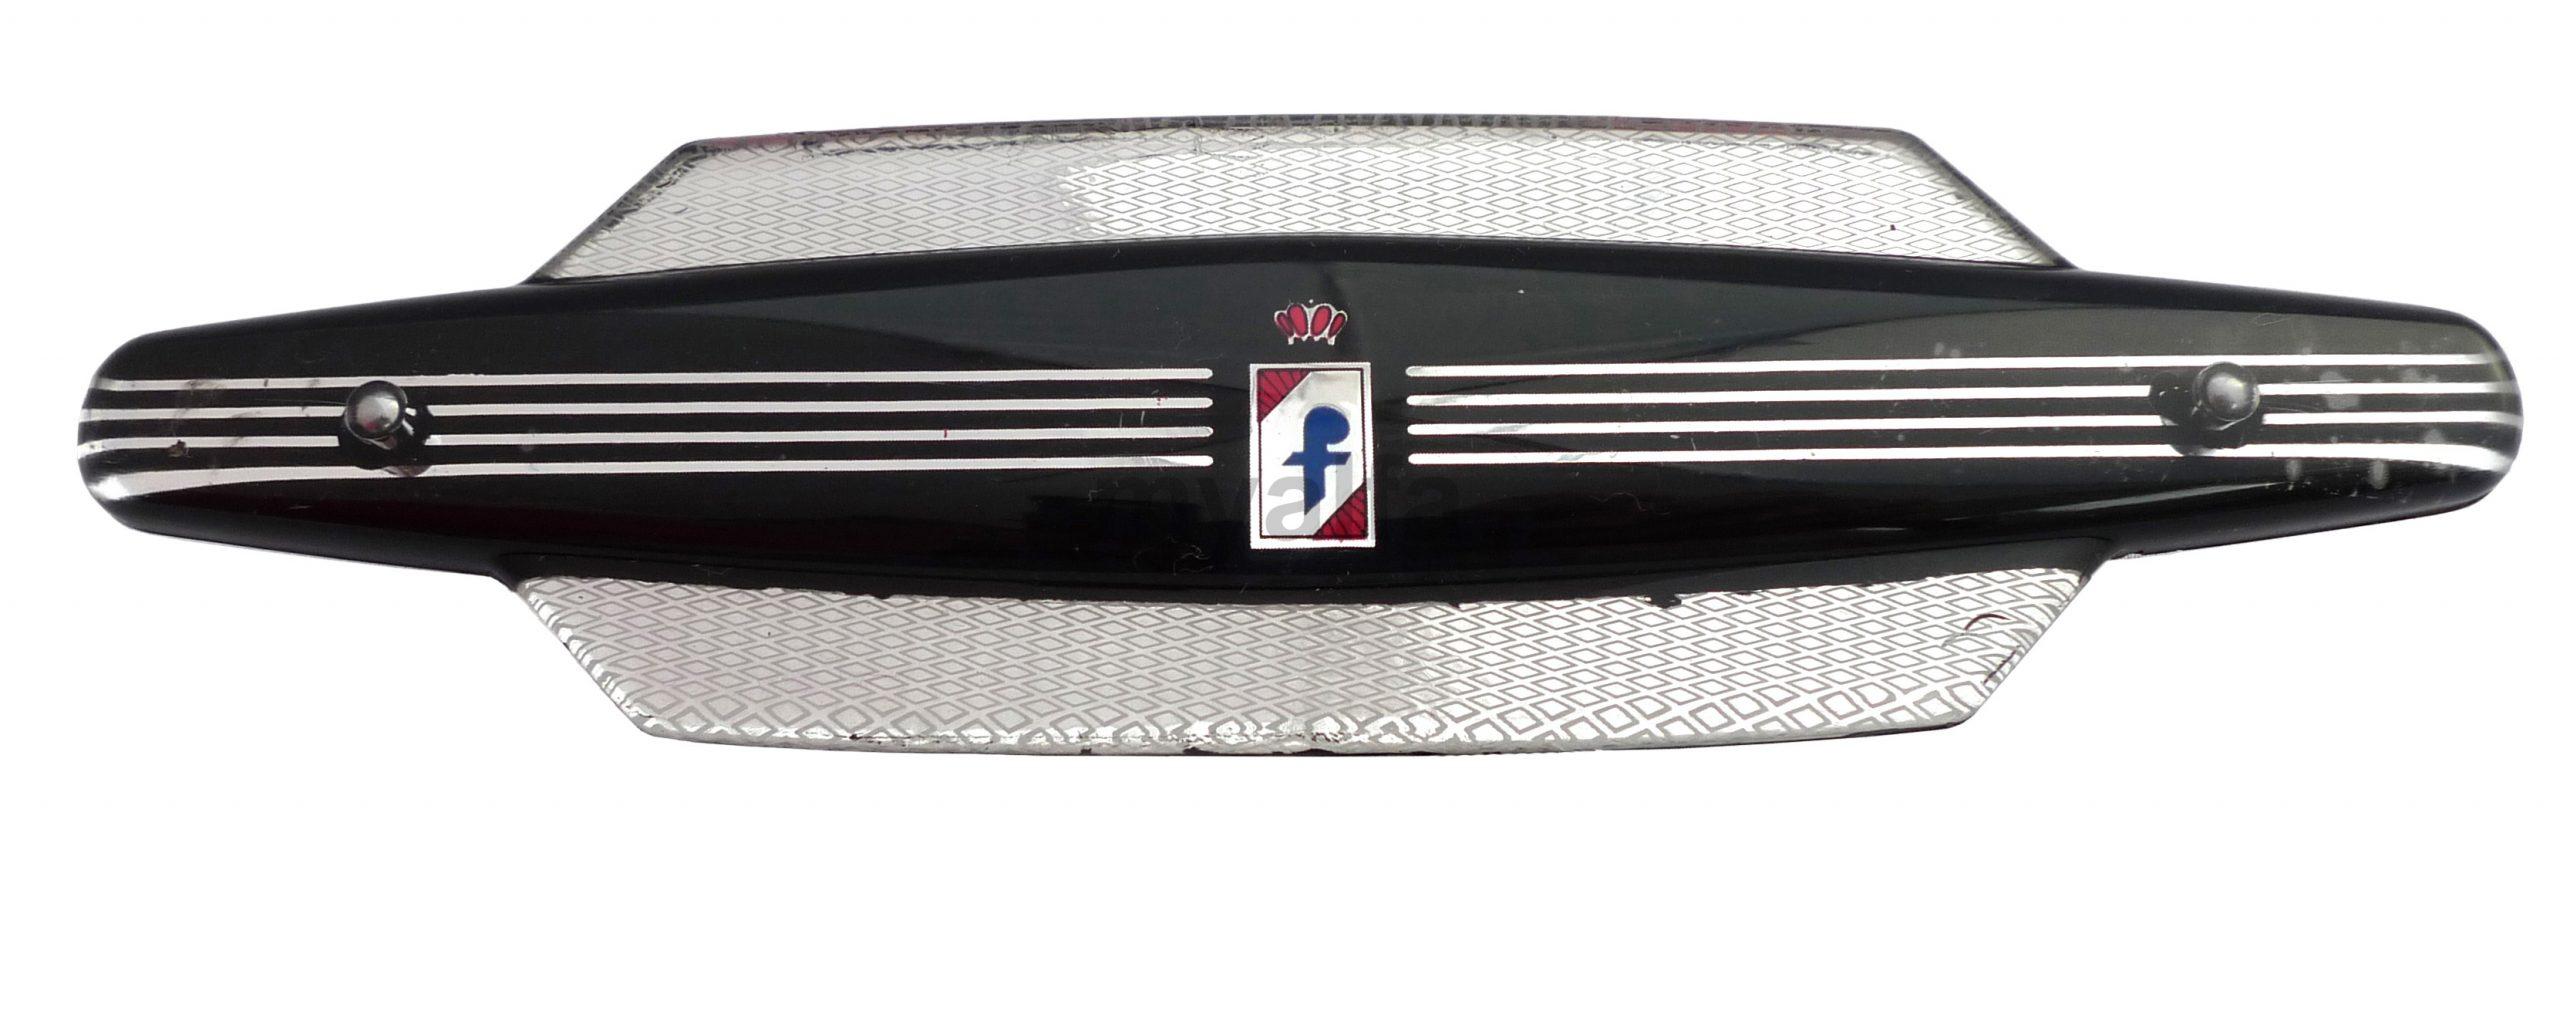 Dash board center / slap radio Giulietta Spider (750) for 750/101, Spider, Interior, Dashboard, Instruments